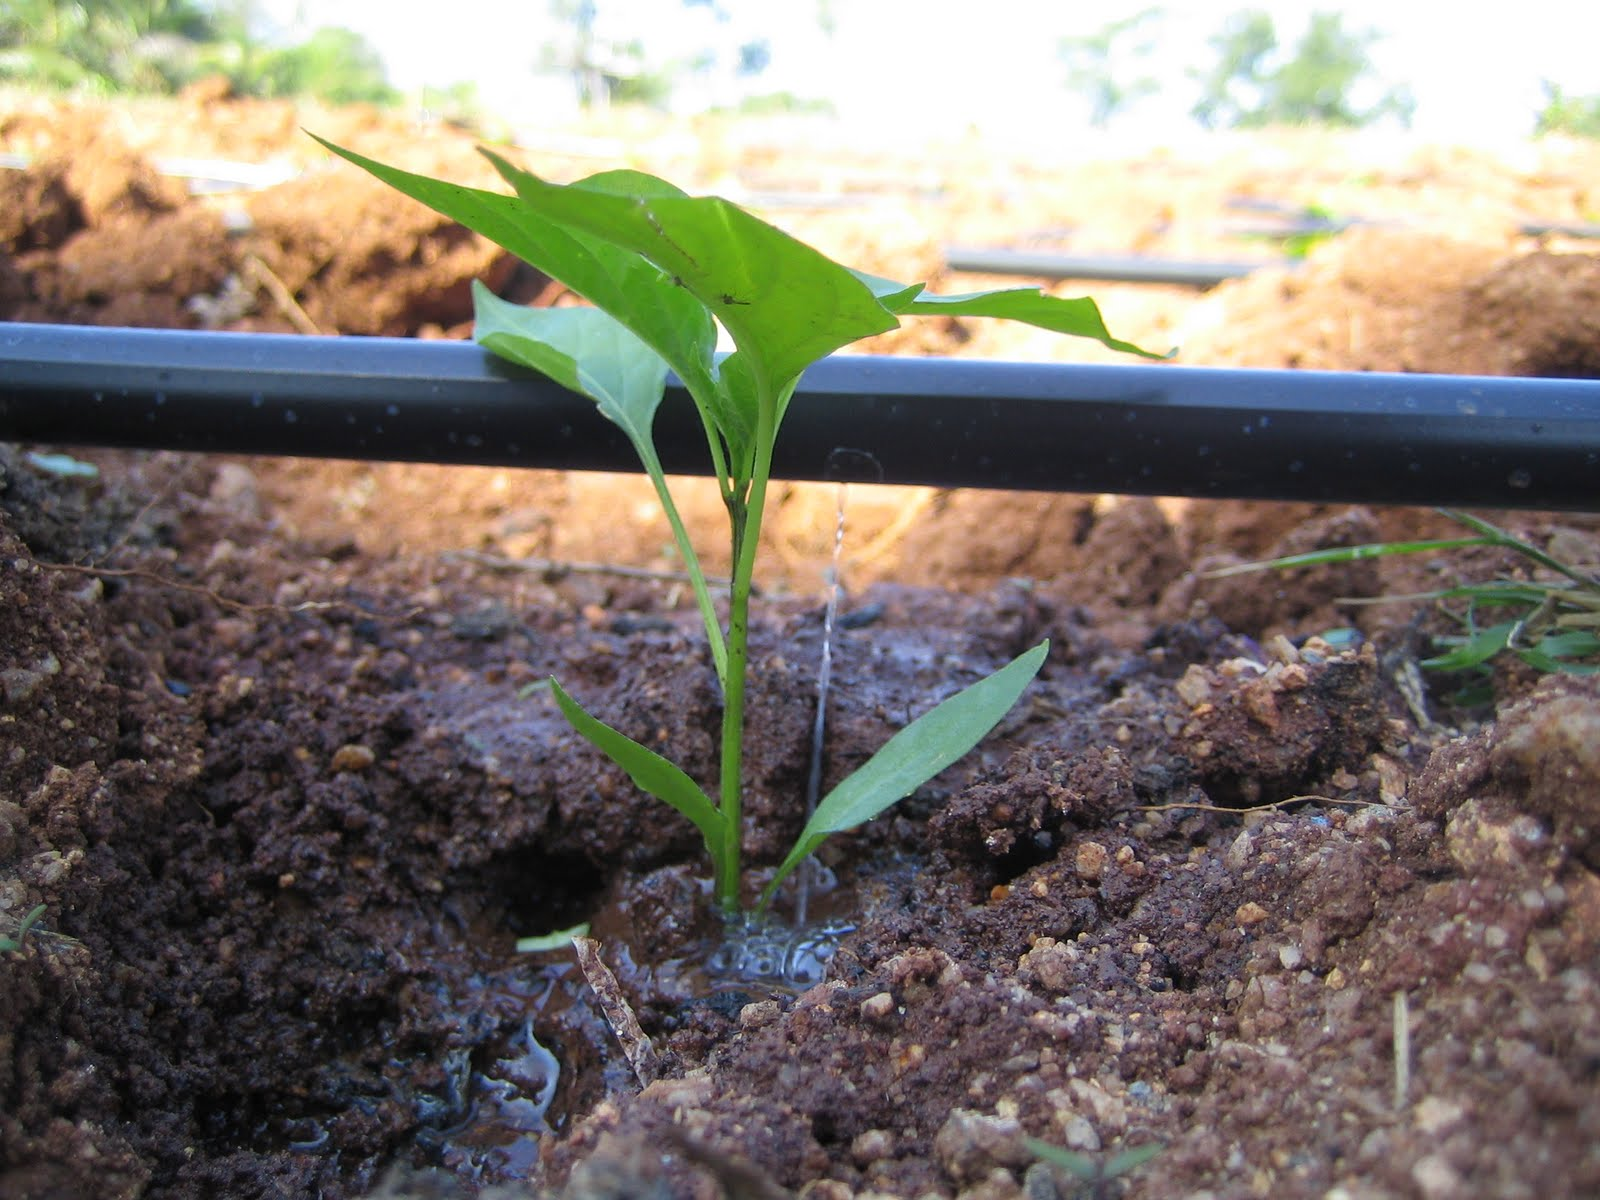 irrigation methods in india pdf